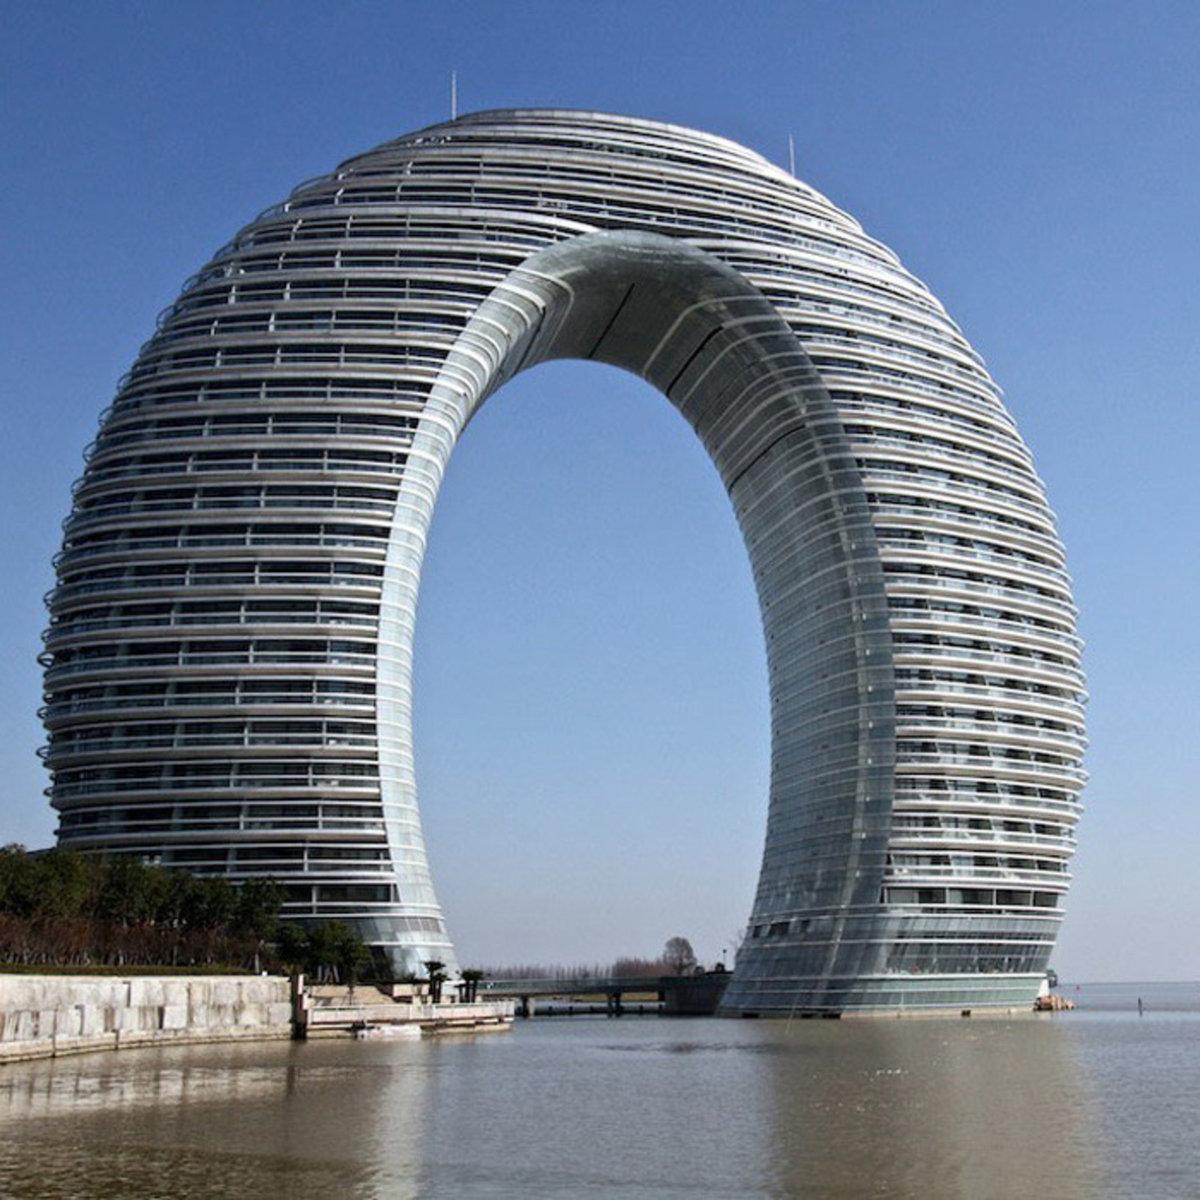 трудно фотография интересного здания или архитектуры всегда